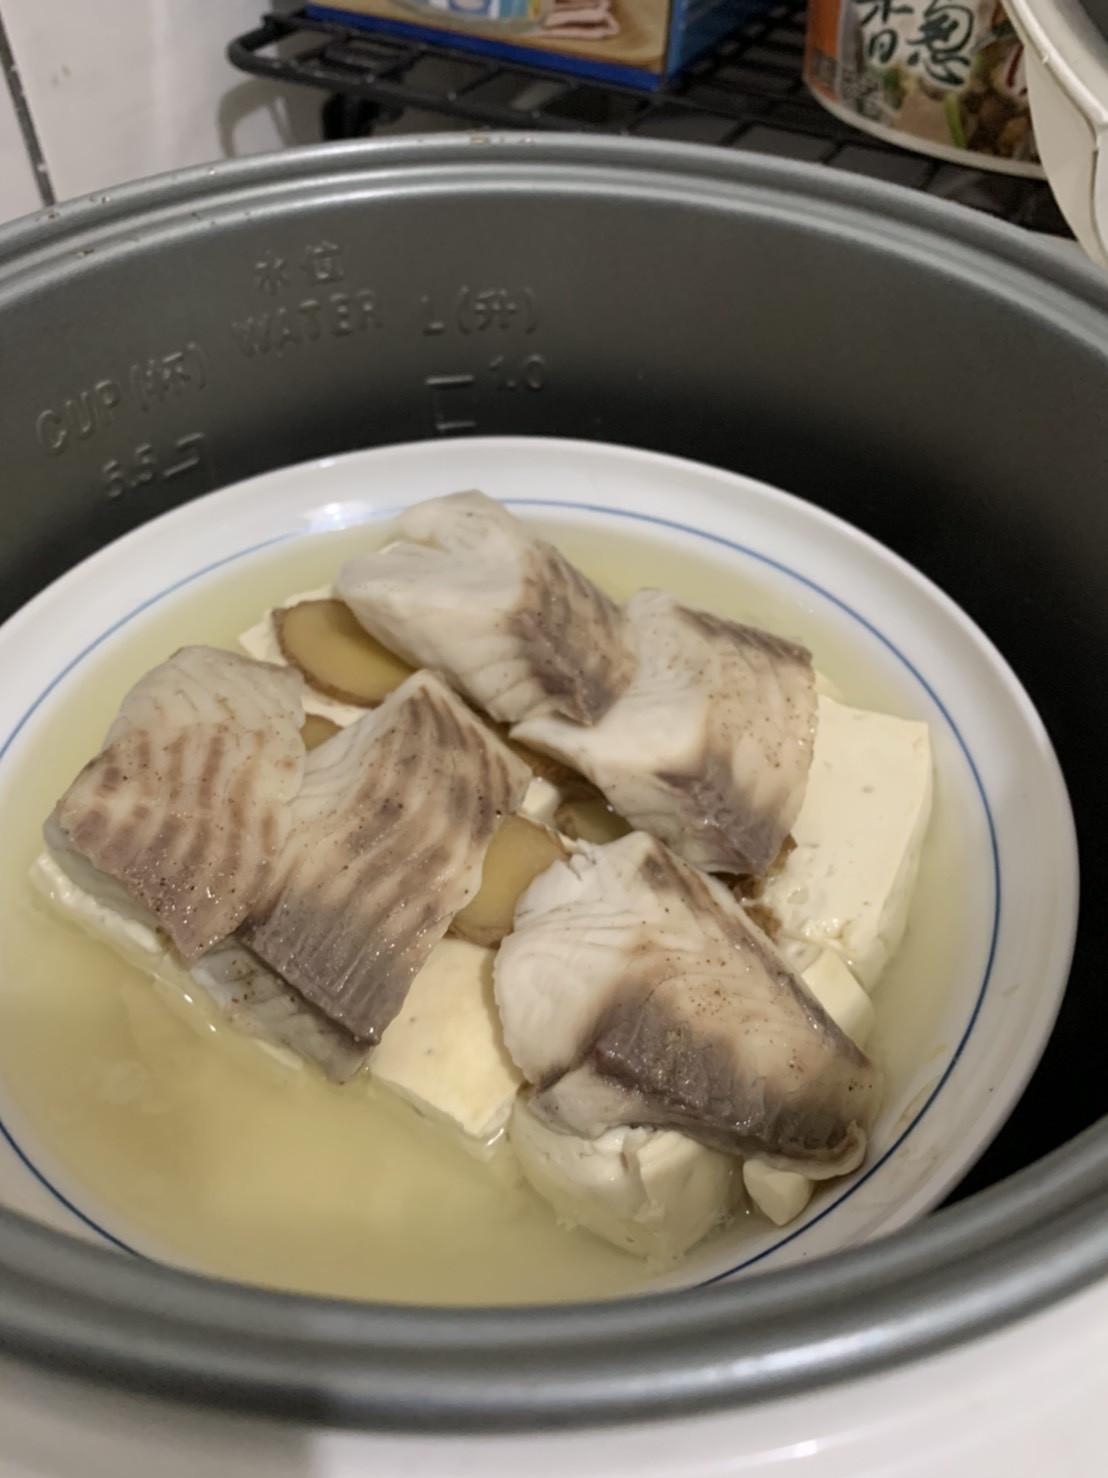 清蒸鯛魚豆腐(電子鍋)